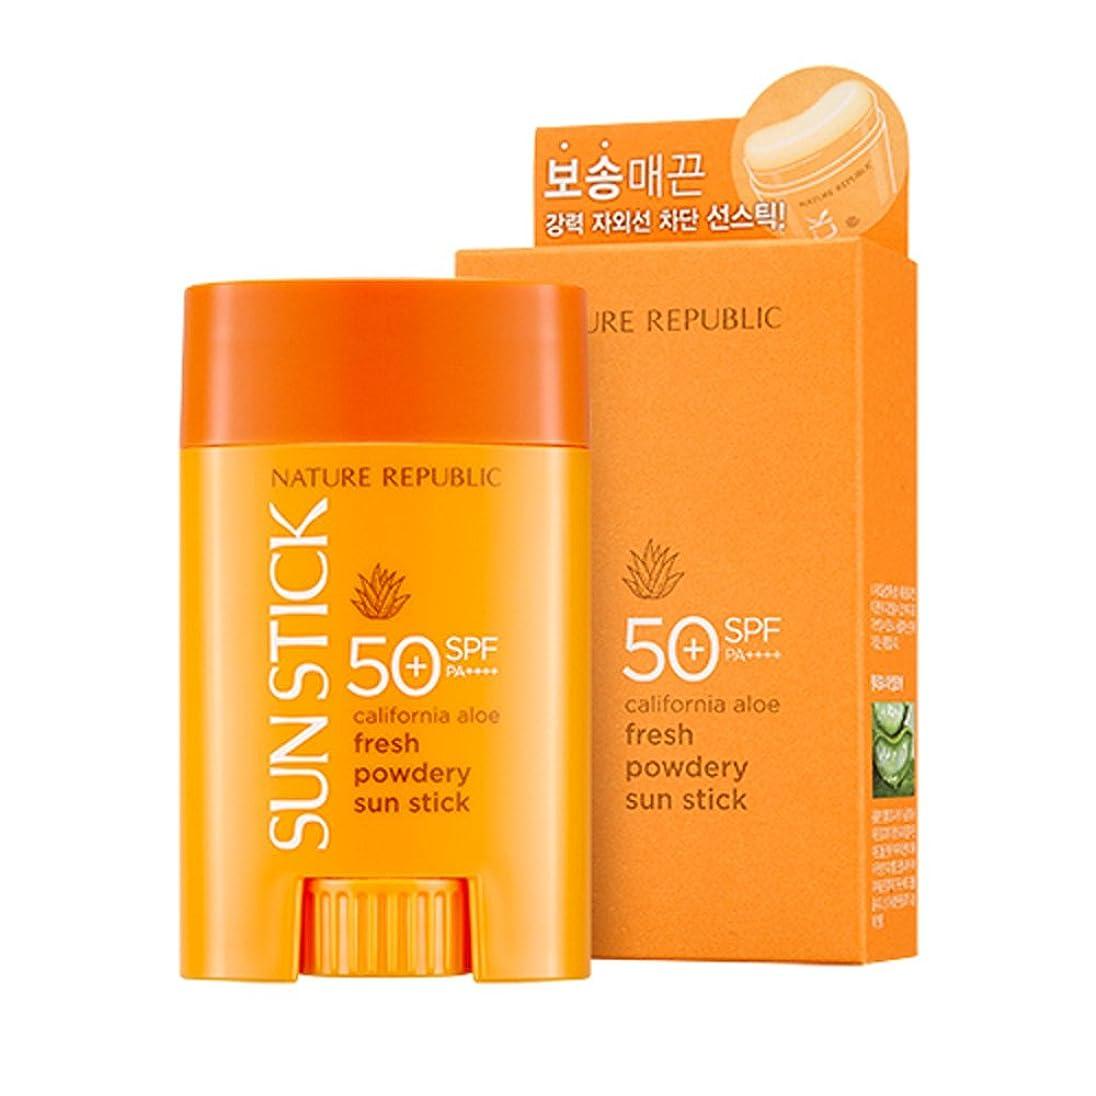 予想外誘惑ティッシュNature Republic California Aloe Fresh Powdery Sun Stick SPF50+ PA++++ 22g / 0.77 oz. ネイチャーリパブリック カリフォルニア アロエ フレッシュ パウダリ サン スティック [並行輸入品]